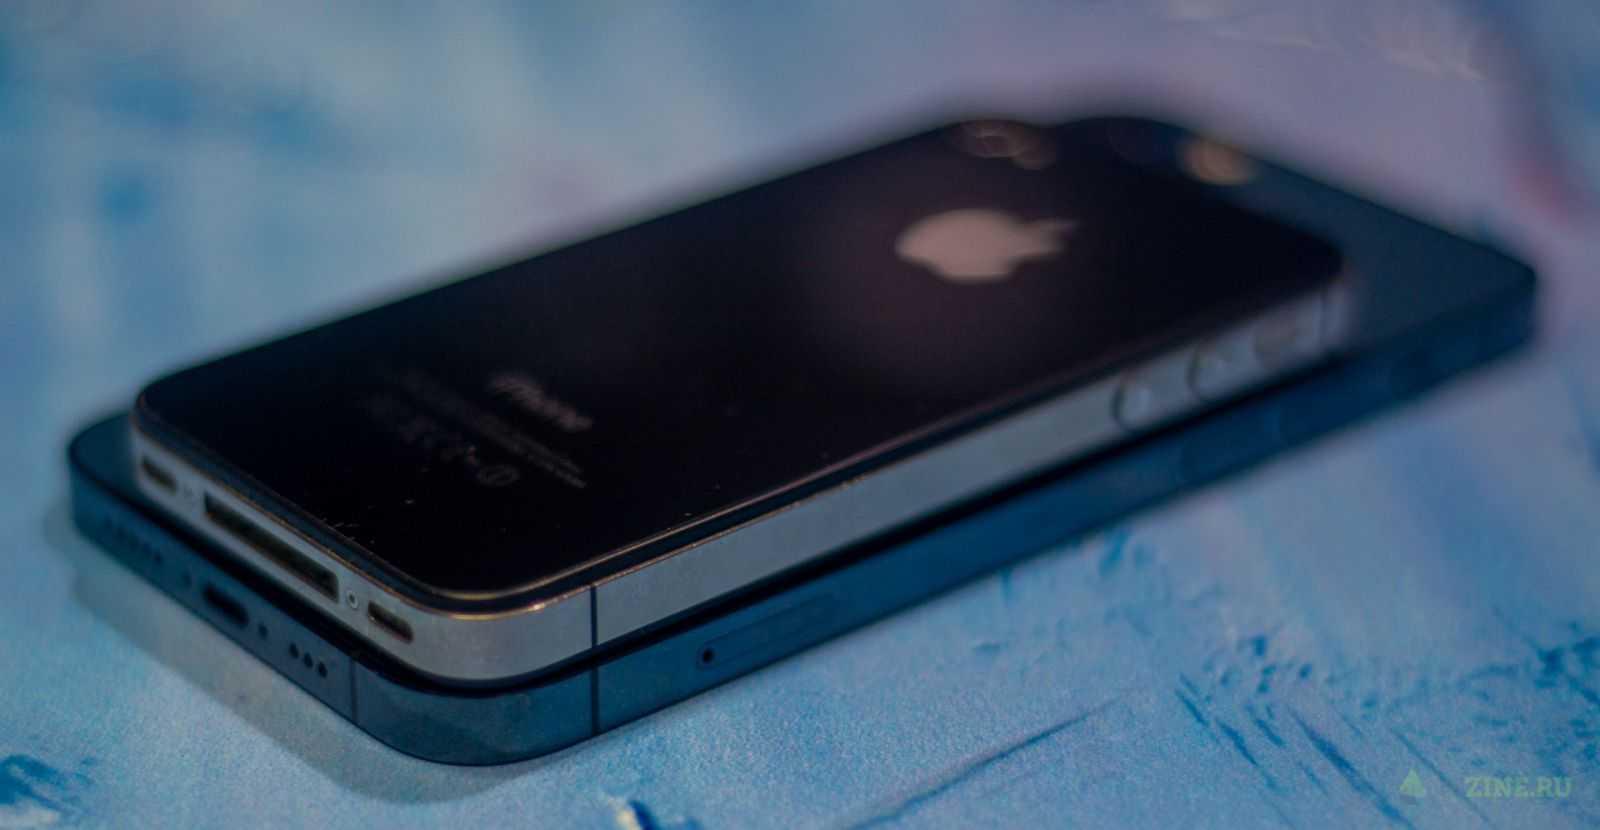 Не могу сравнить с iPhone 5, но зато есть iPhone 4S. Чувствуется преемственность и наследие?